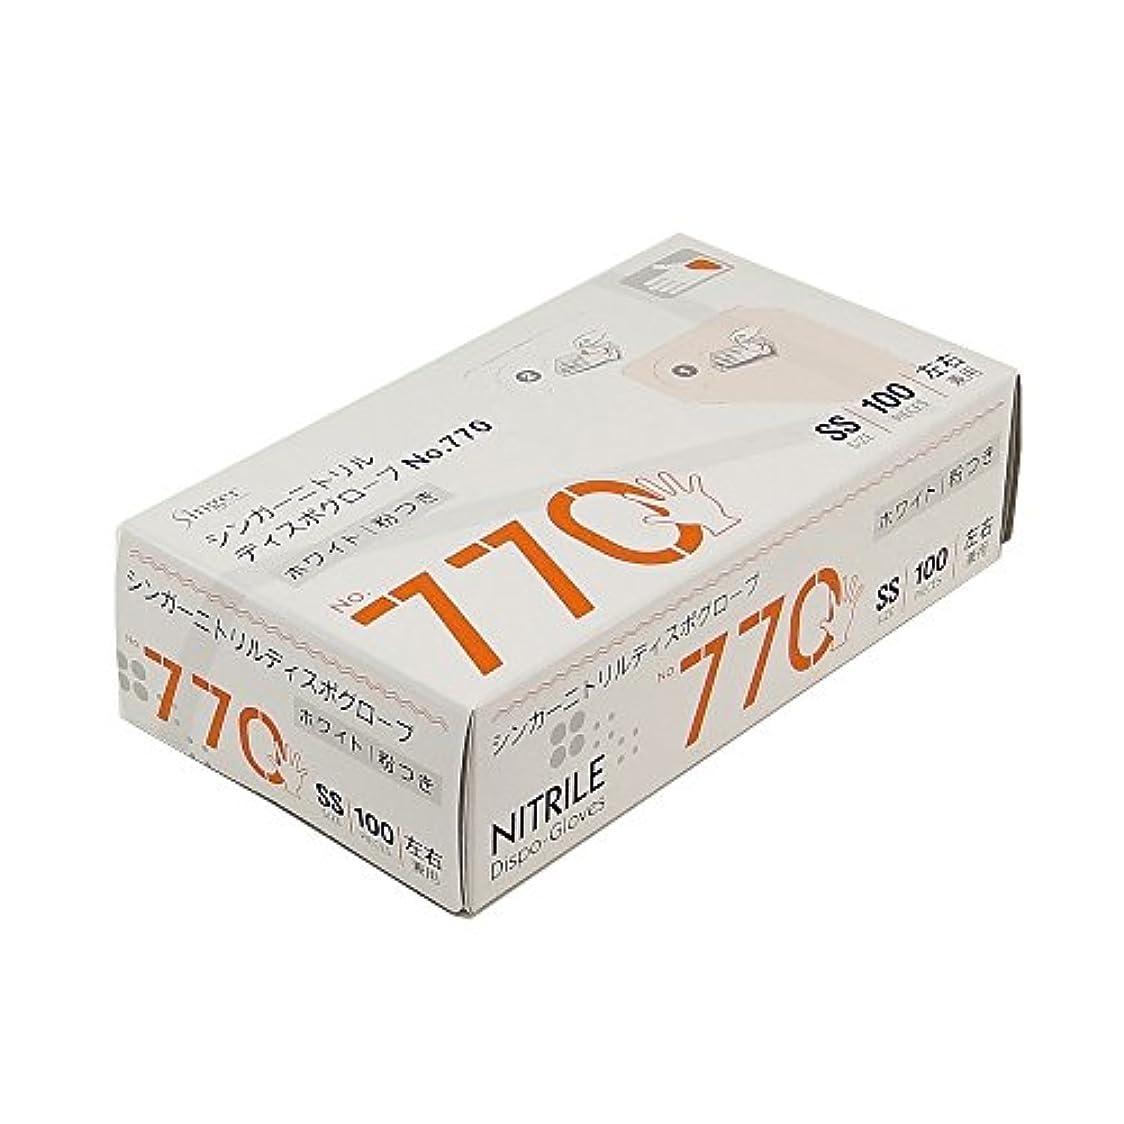 有名クリーク自発的宇都宮製作 ディスポ手袋 シンガーニトリルディスポグローブ No.770 ホワイト 粉付 100枚入  SS